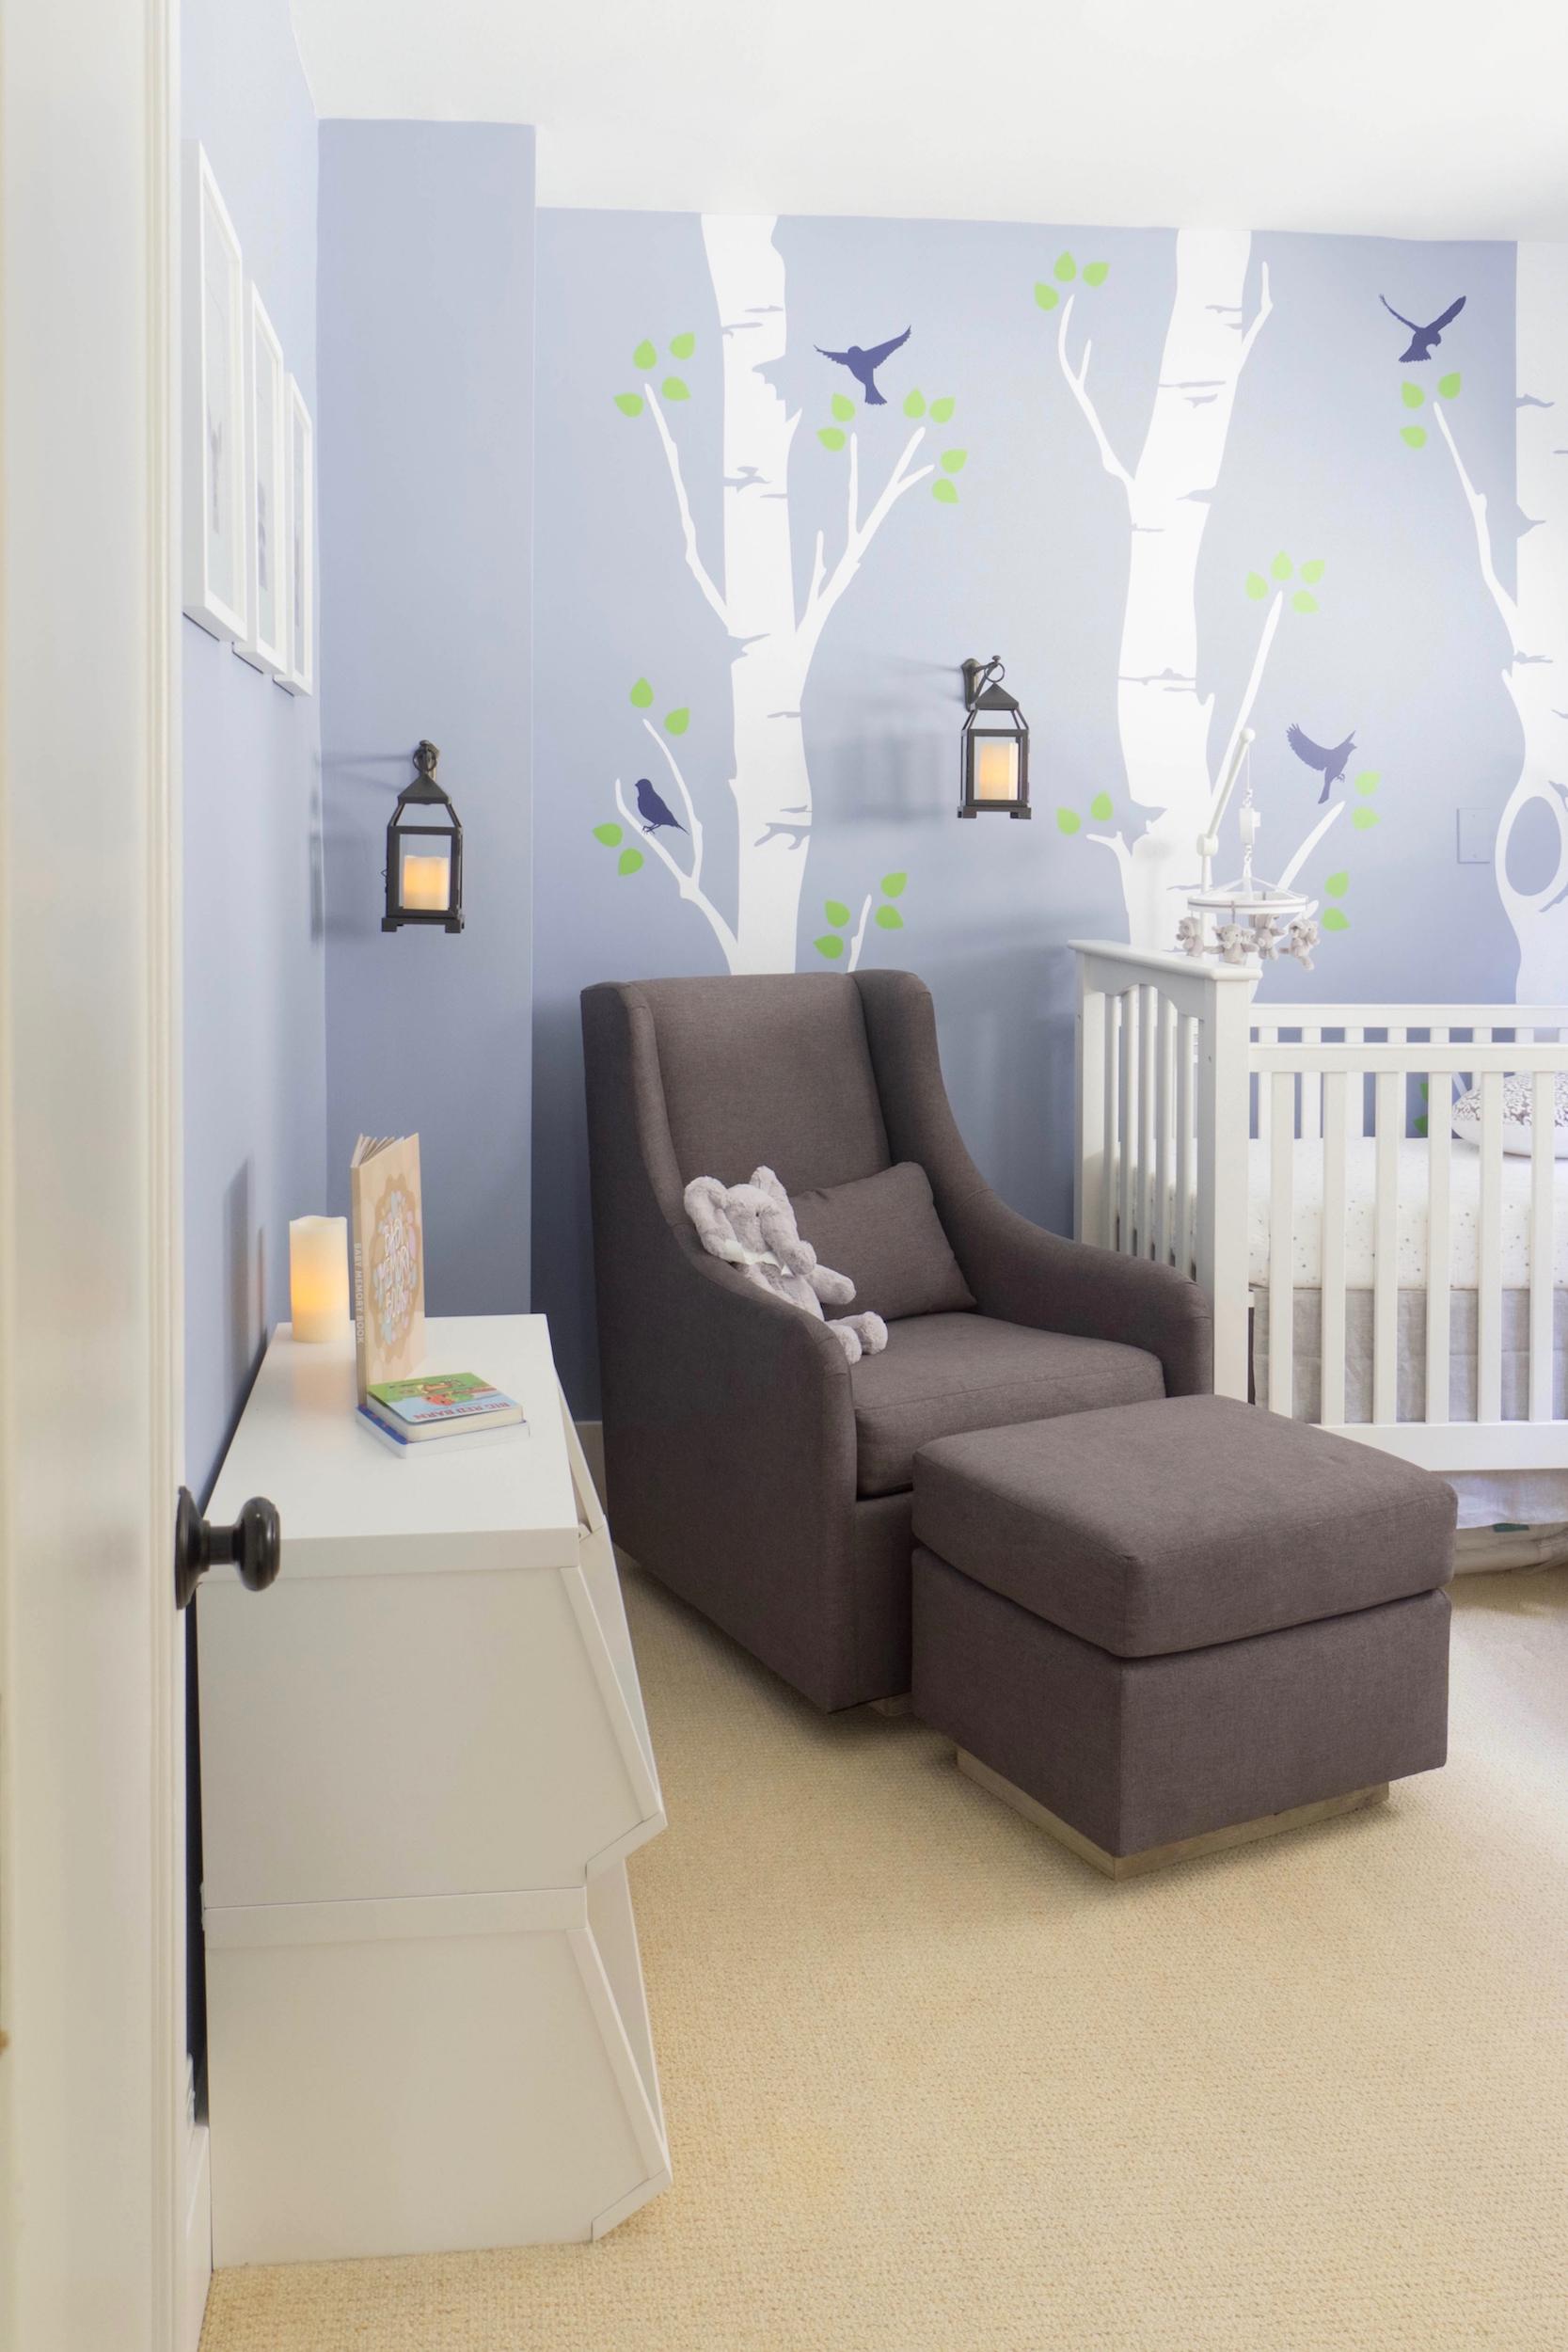 1_Nursery Room.jpg